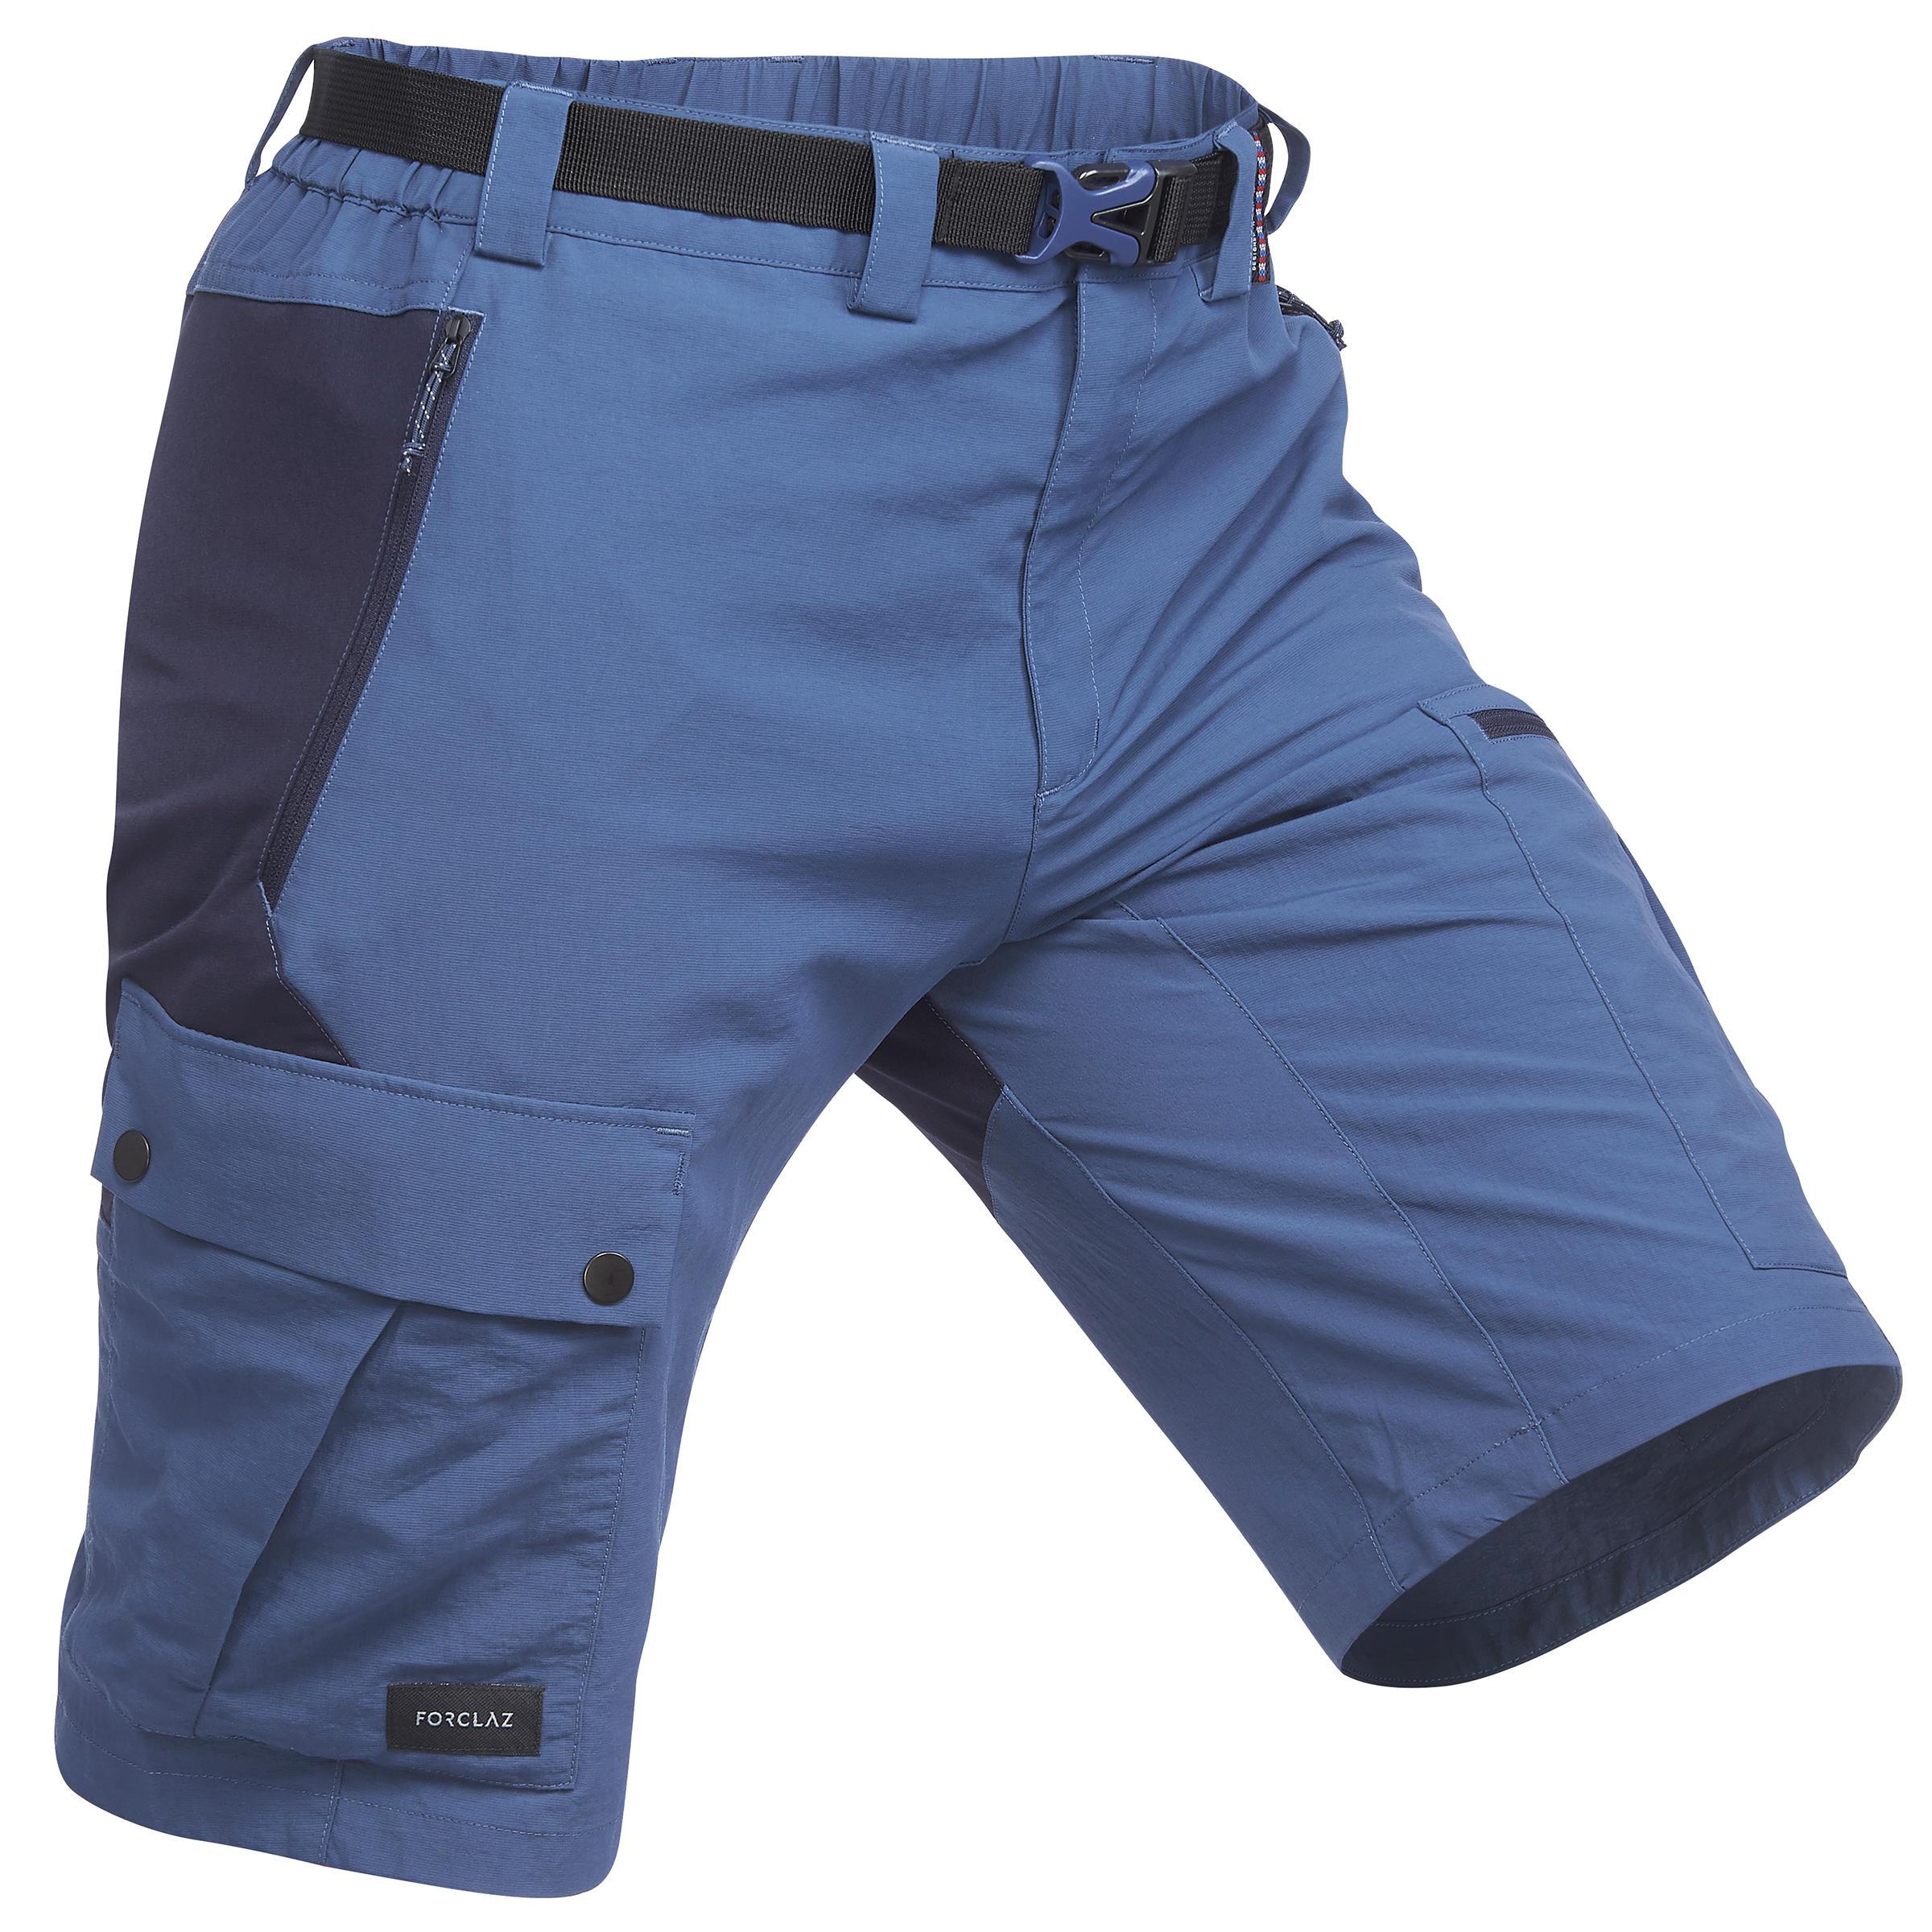 Trekkingshorts Trek 500 Herren blau | Bekleidung > Shorts & Bermudas > Trekkingshorts | Blau | Forclaz